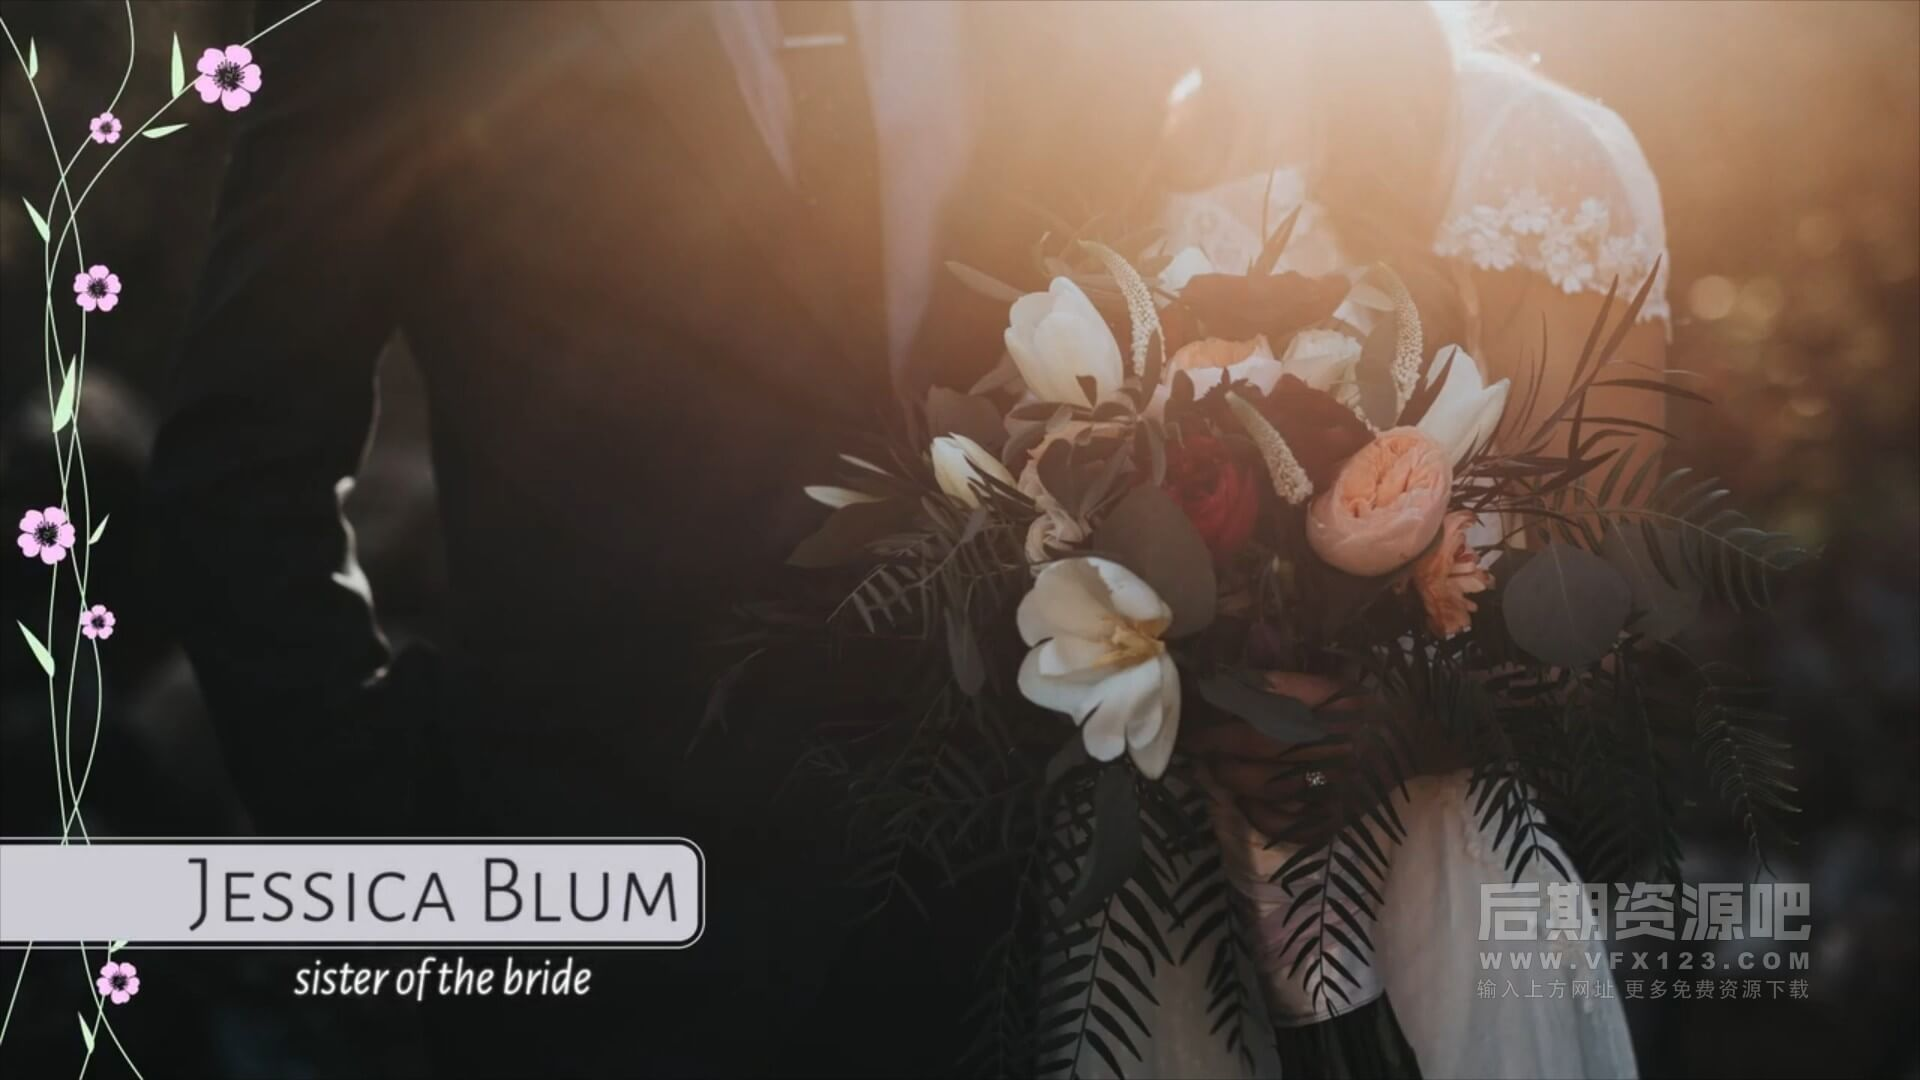 fcpx插件 8组婚礼MV影片标题字幕条预设模板 Wedding Lower Thirds